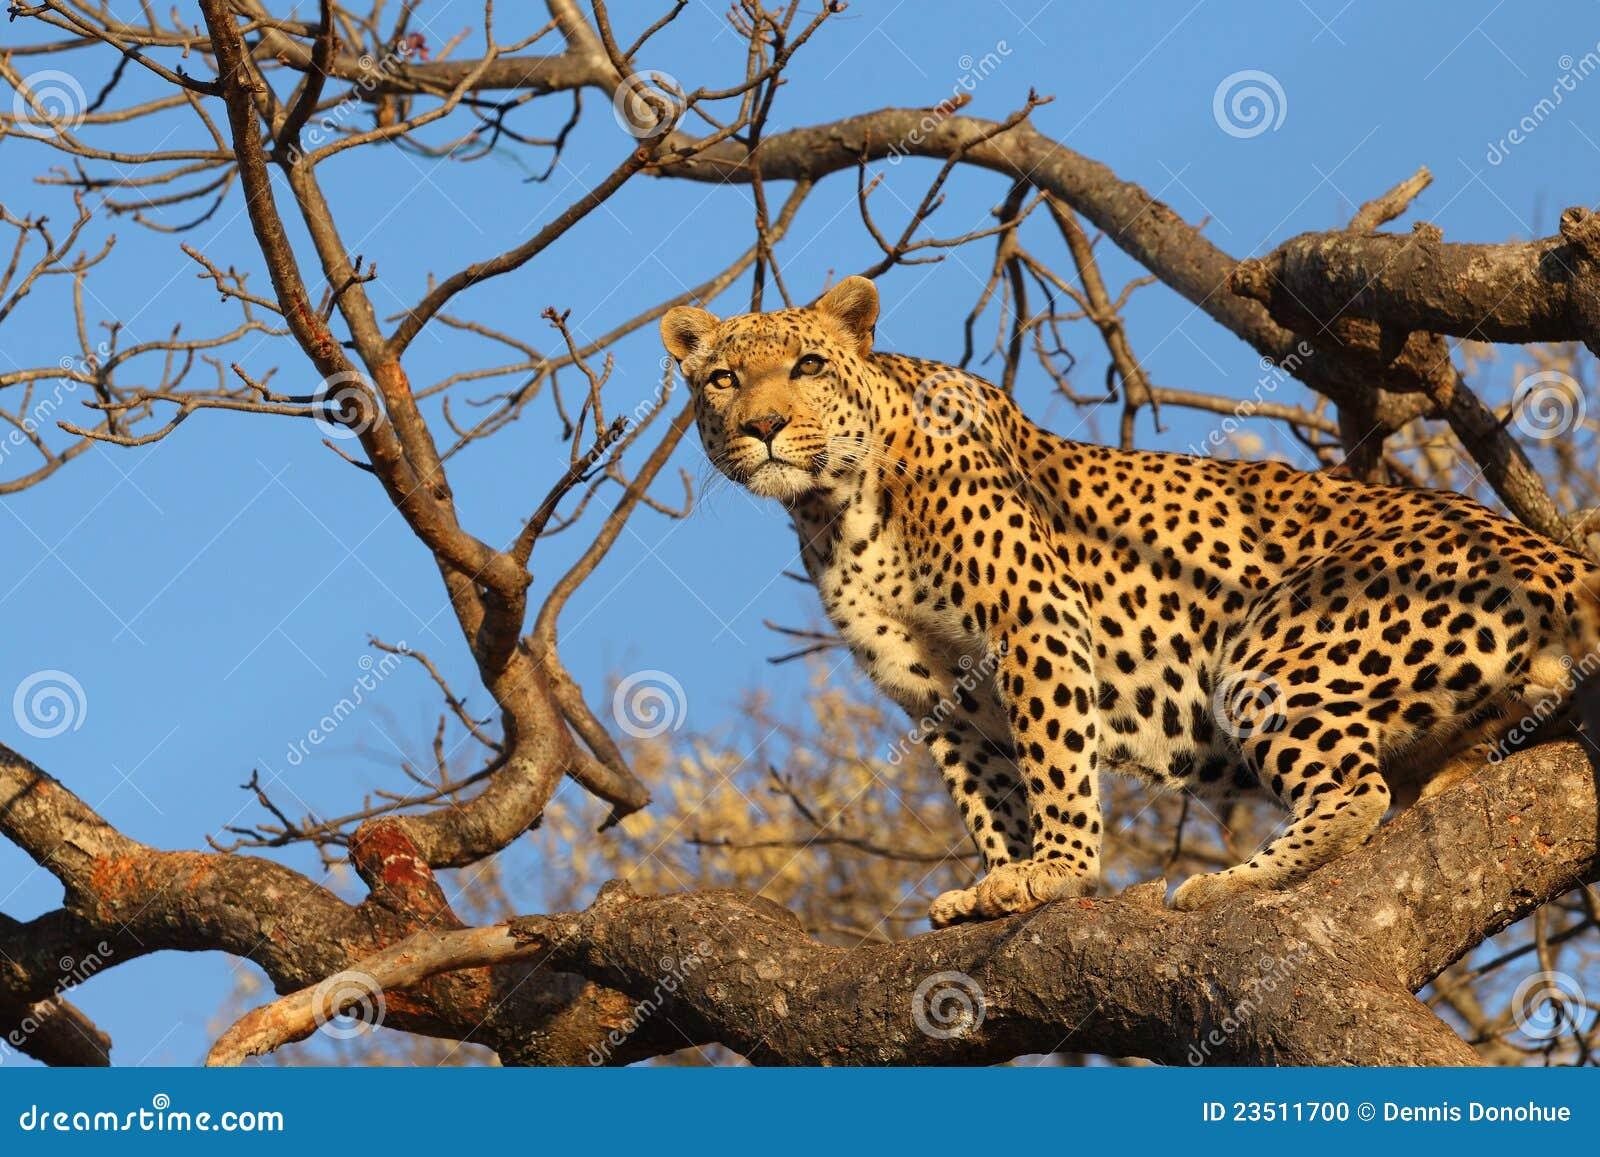 afrikanischer leopard im baum stockfoto bild 23511700. Black Bedroom Furniture Sets. Home Design Ideas